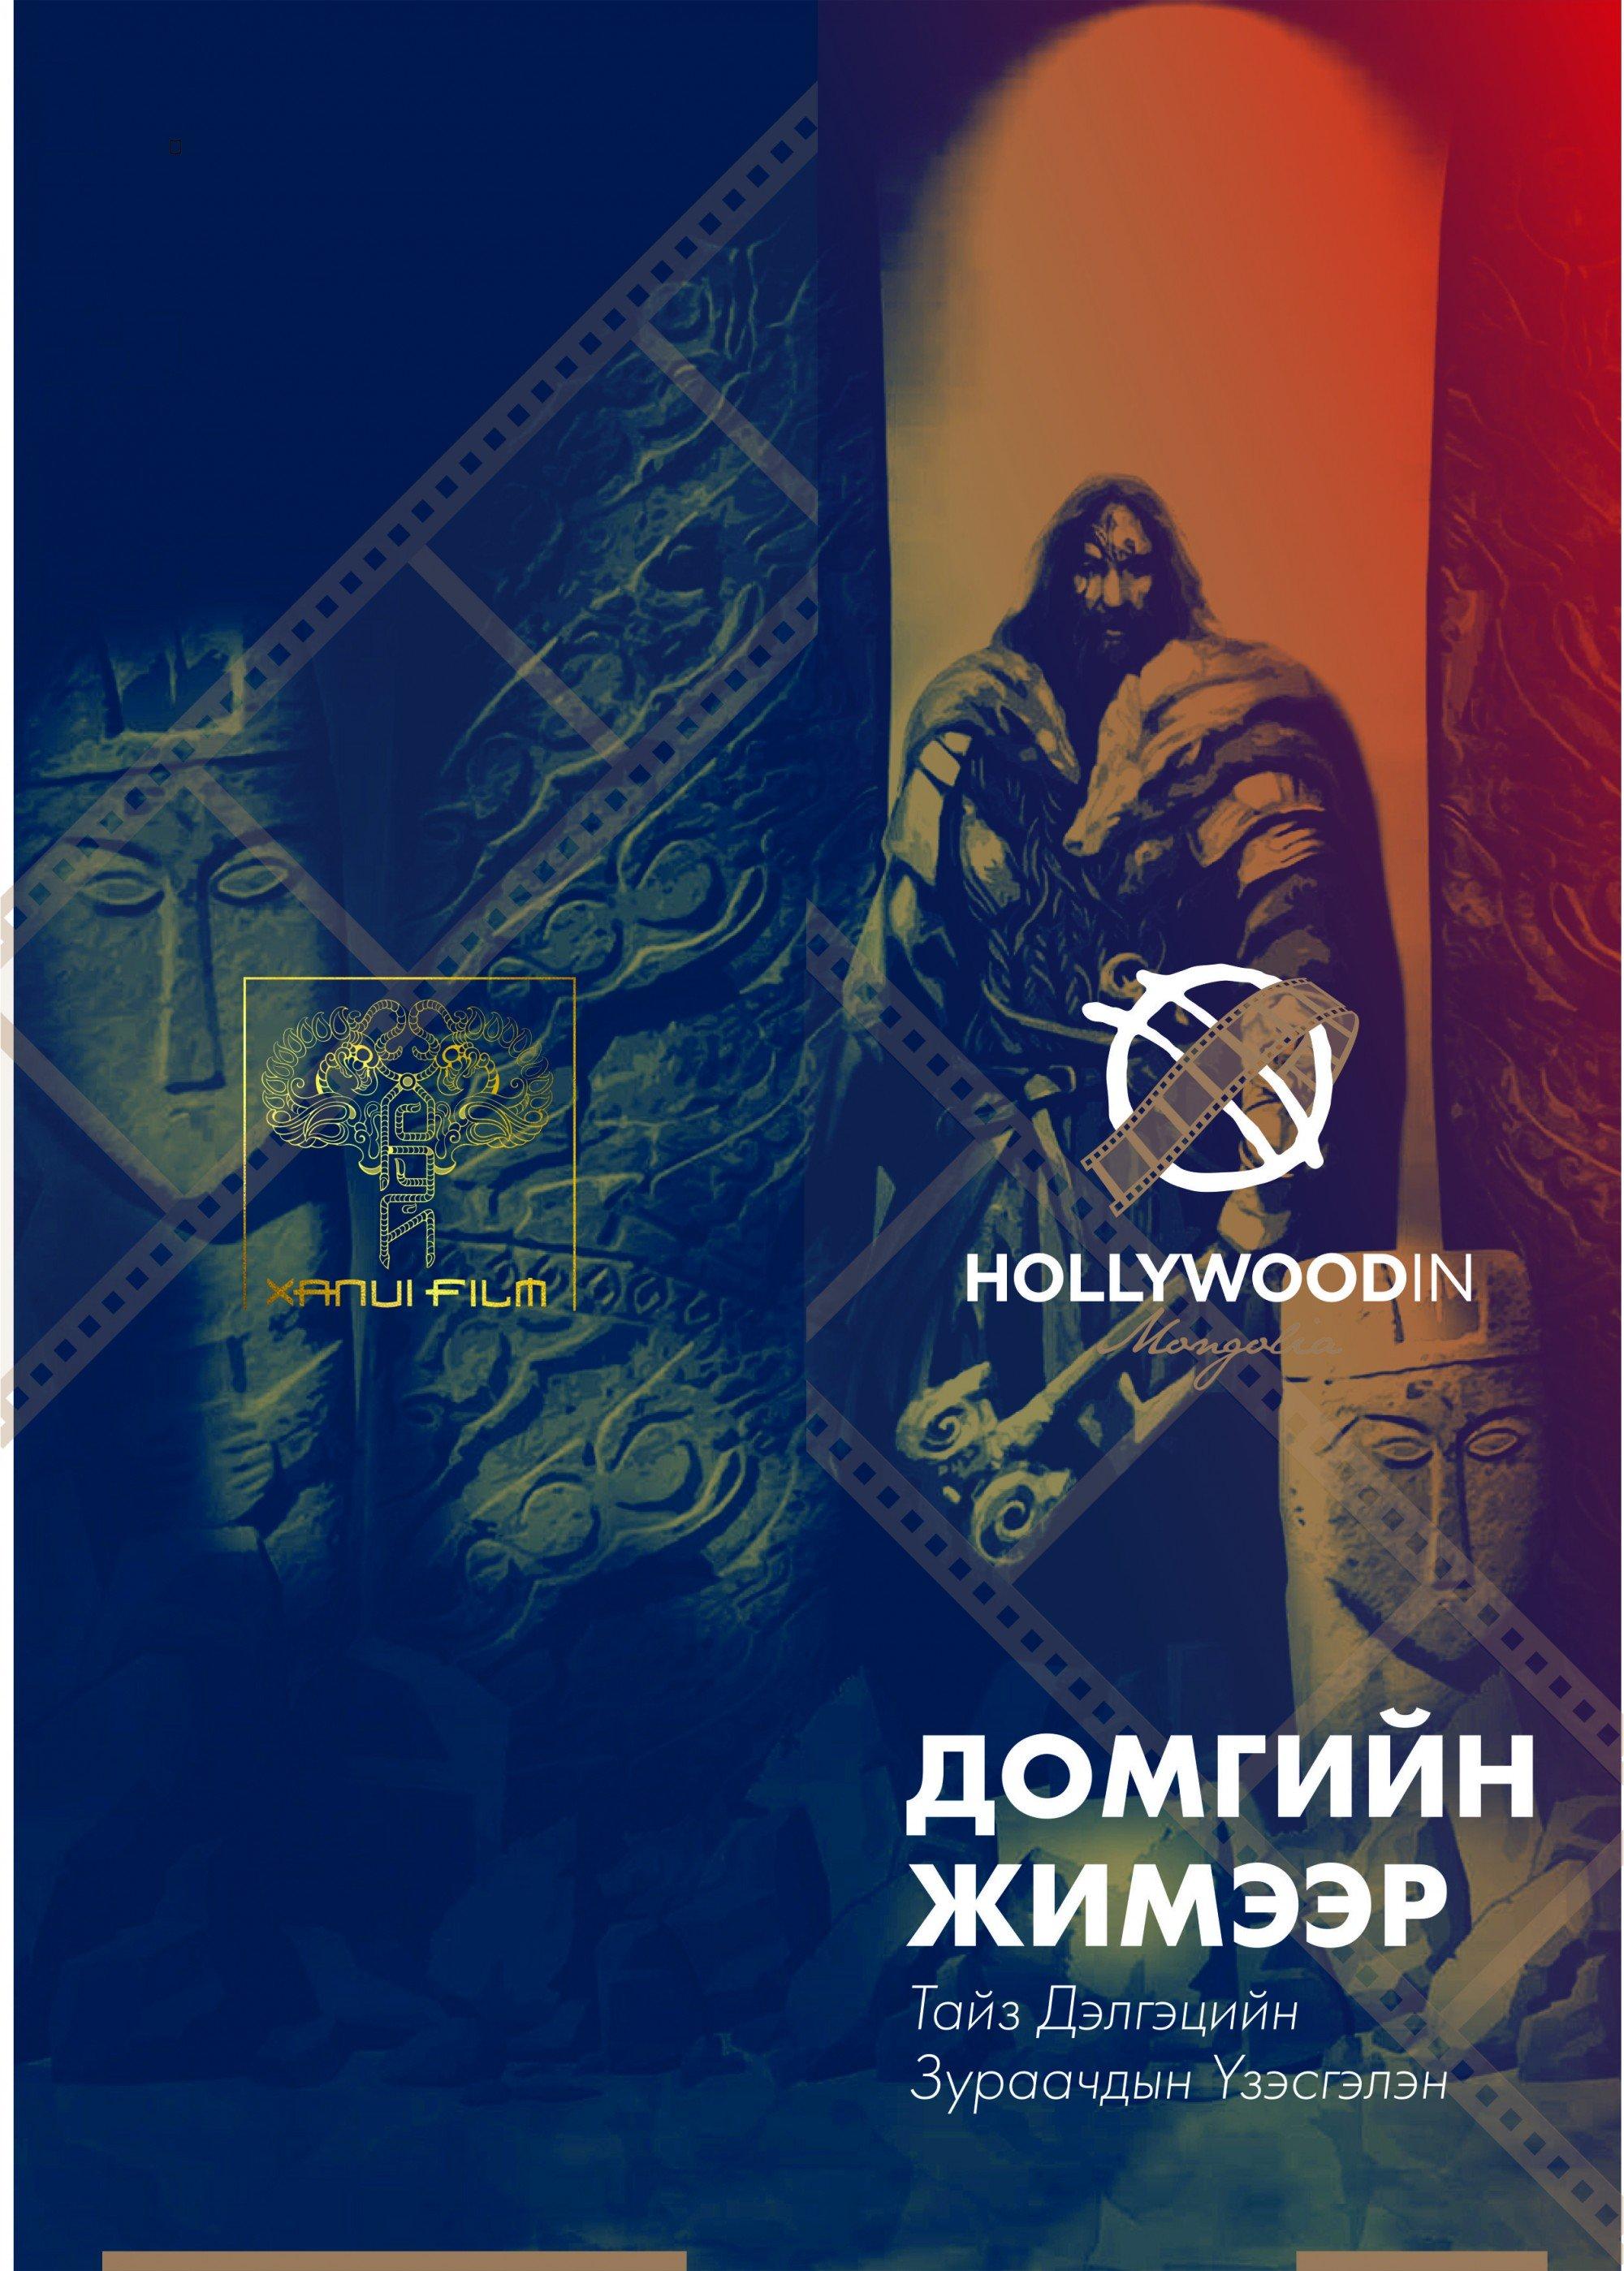 Холливүүд Монголд: Тайз дэлгэцийн зураачдын